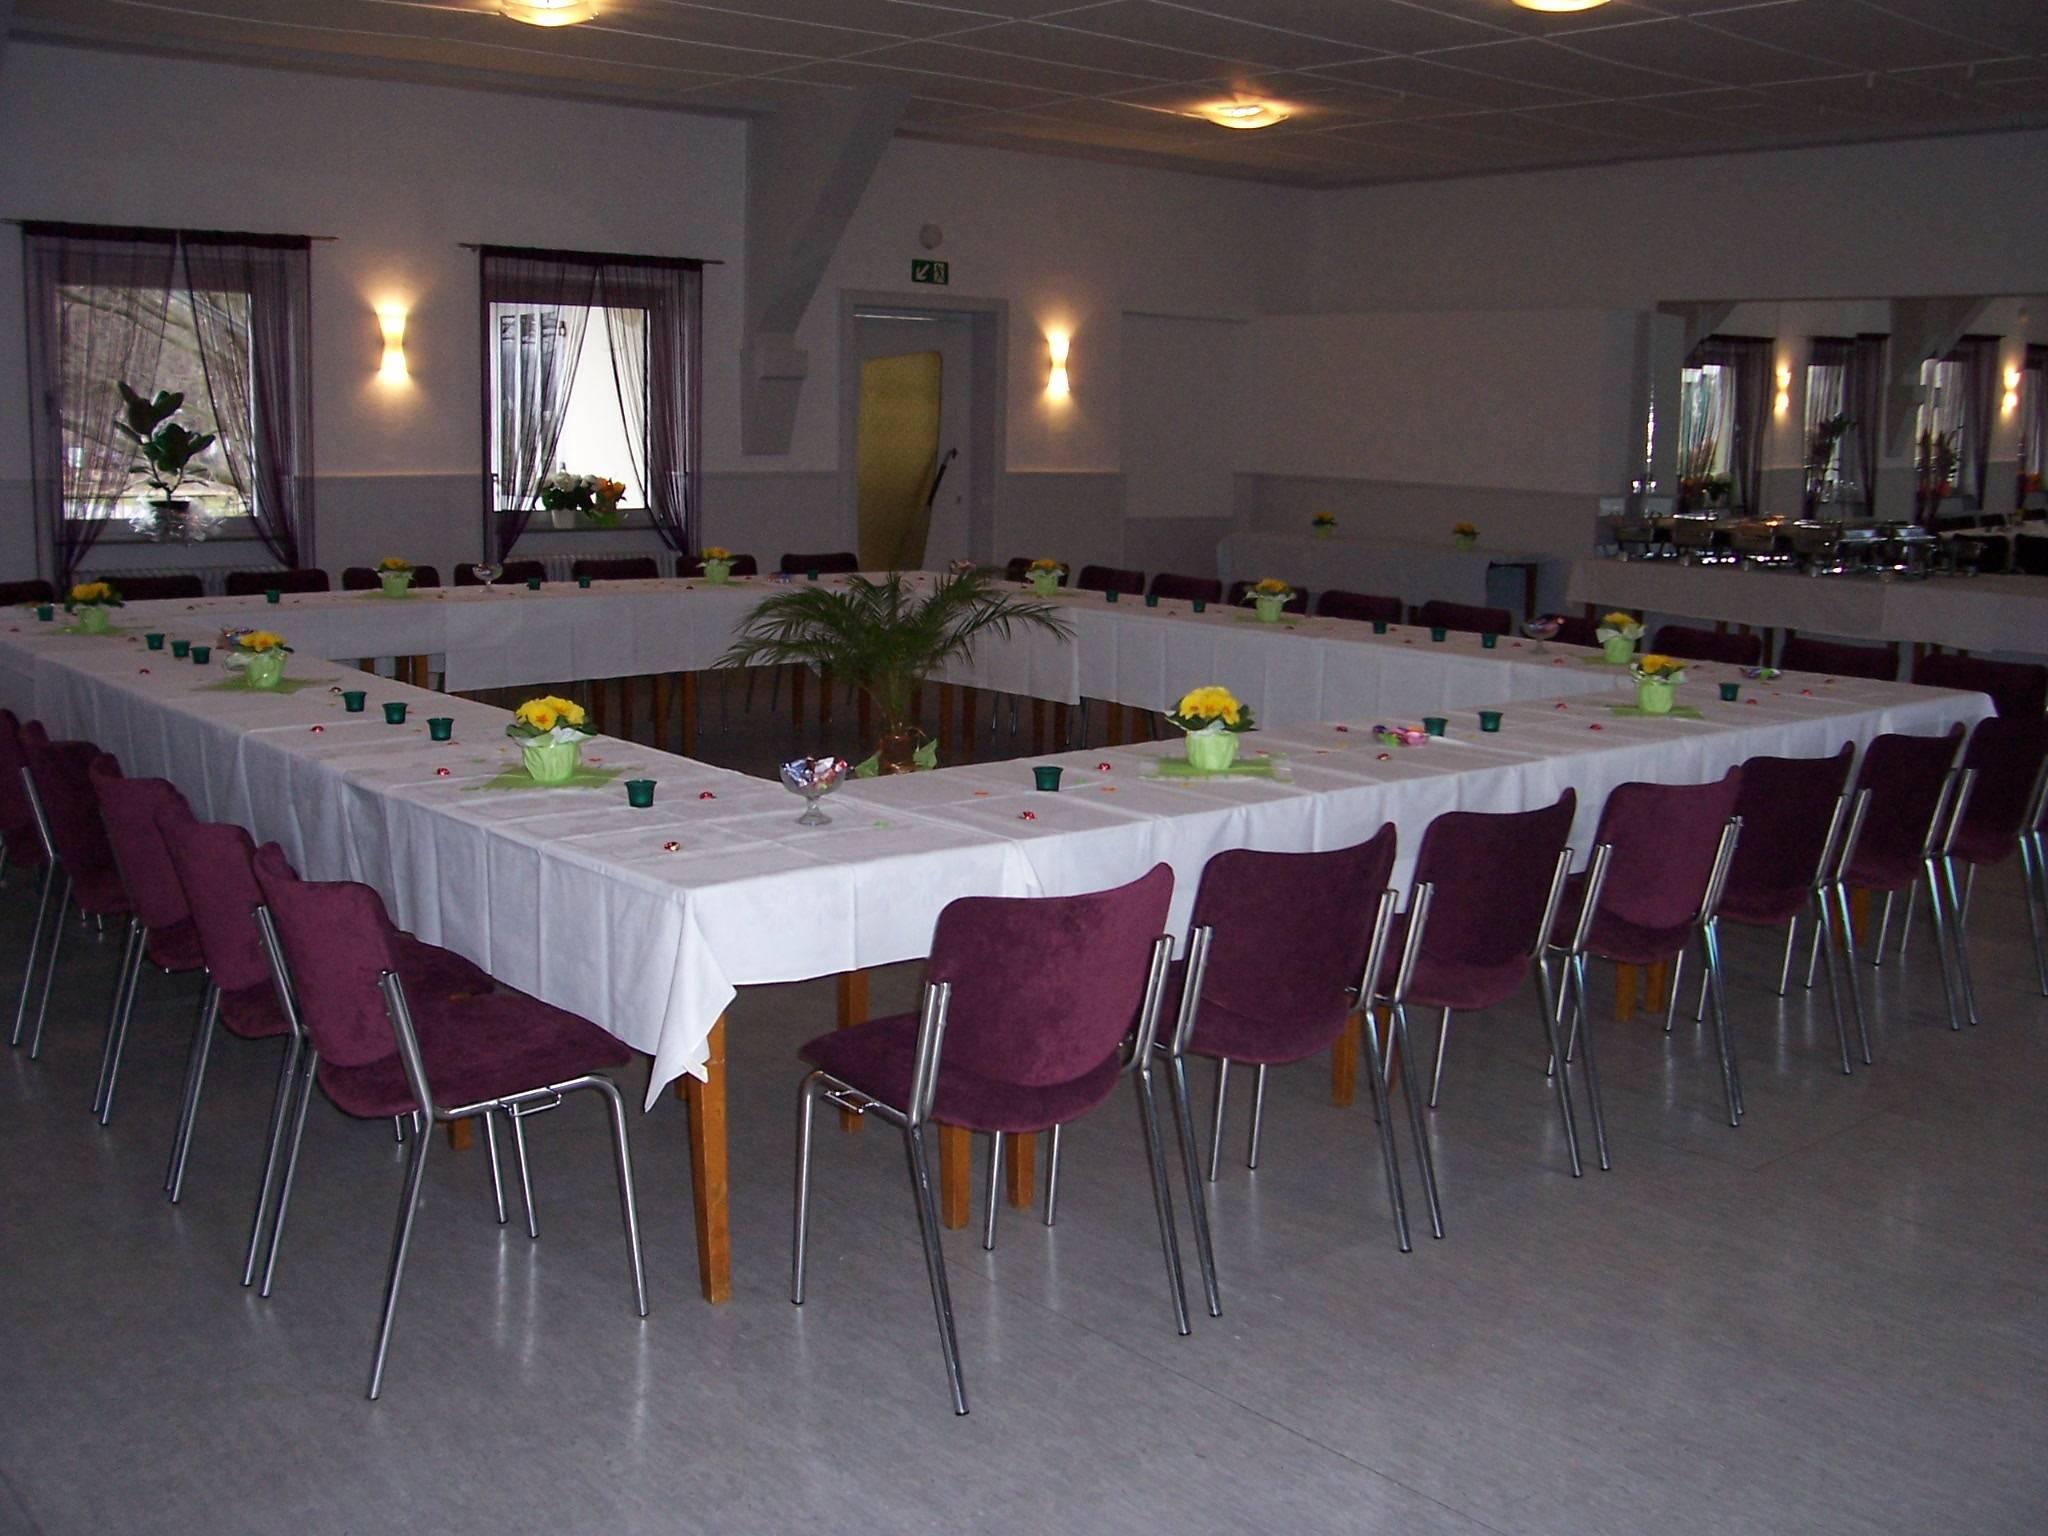 Saal Gaststätte Bootshaus Neuwied